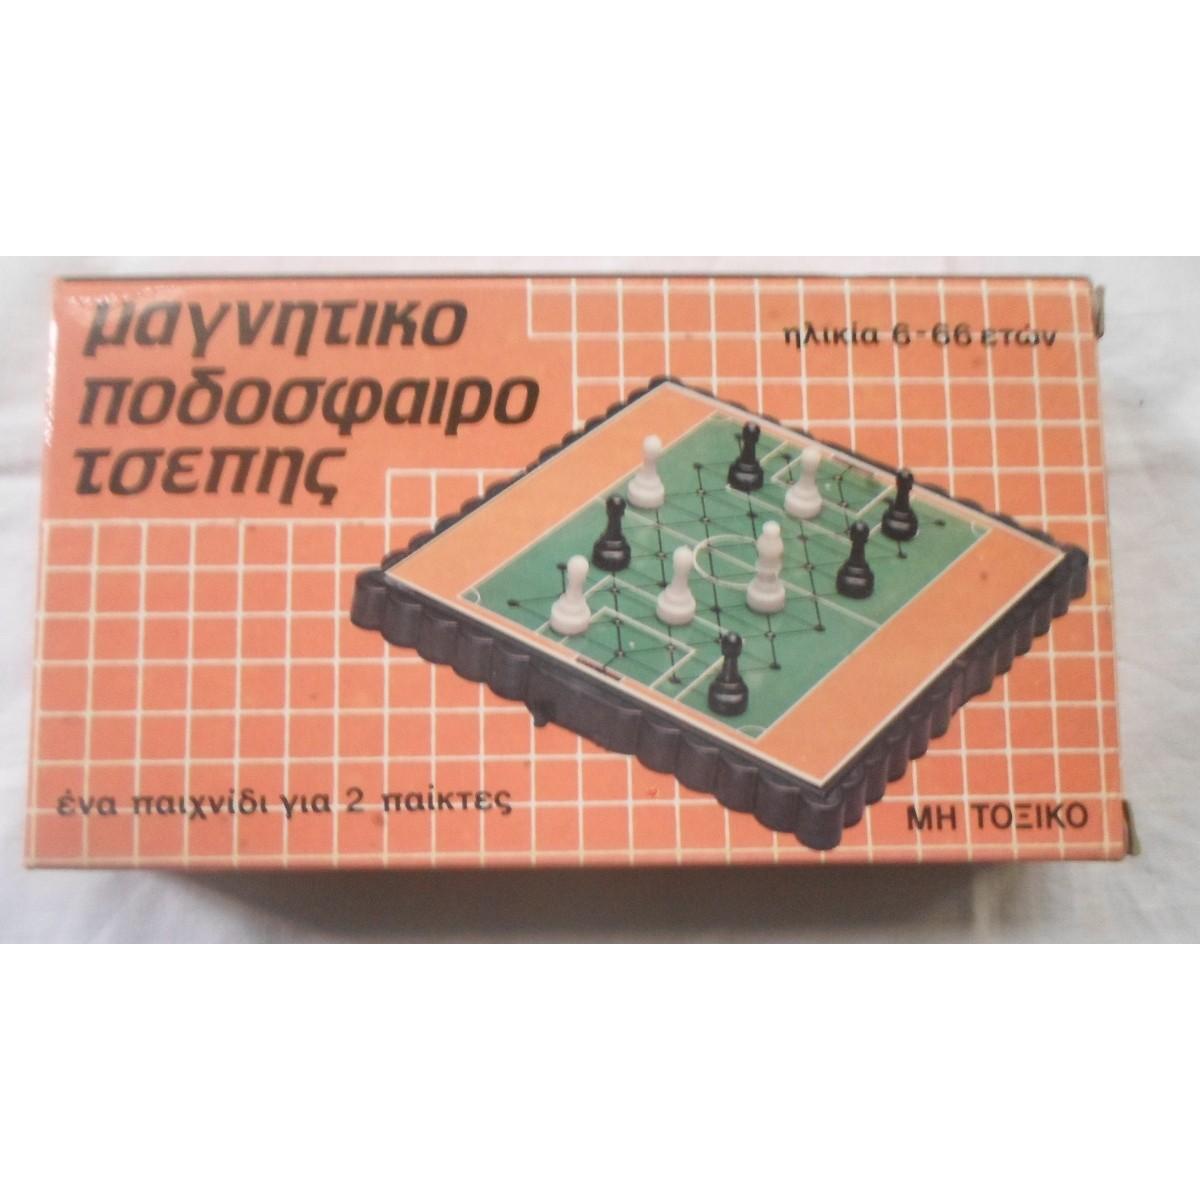 Μαγνητικό Ποδόσφαιρο Τσέπης, ΠΕΤΑΛΟ, Ελλάς.